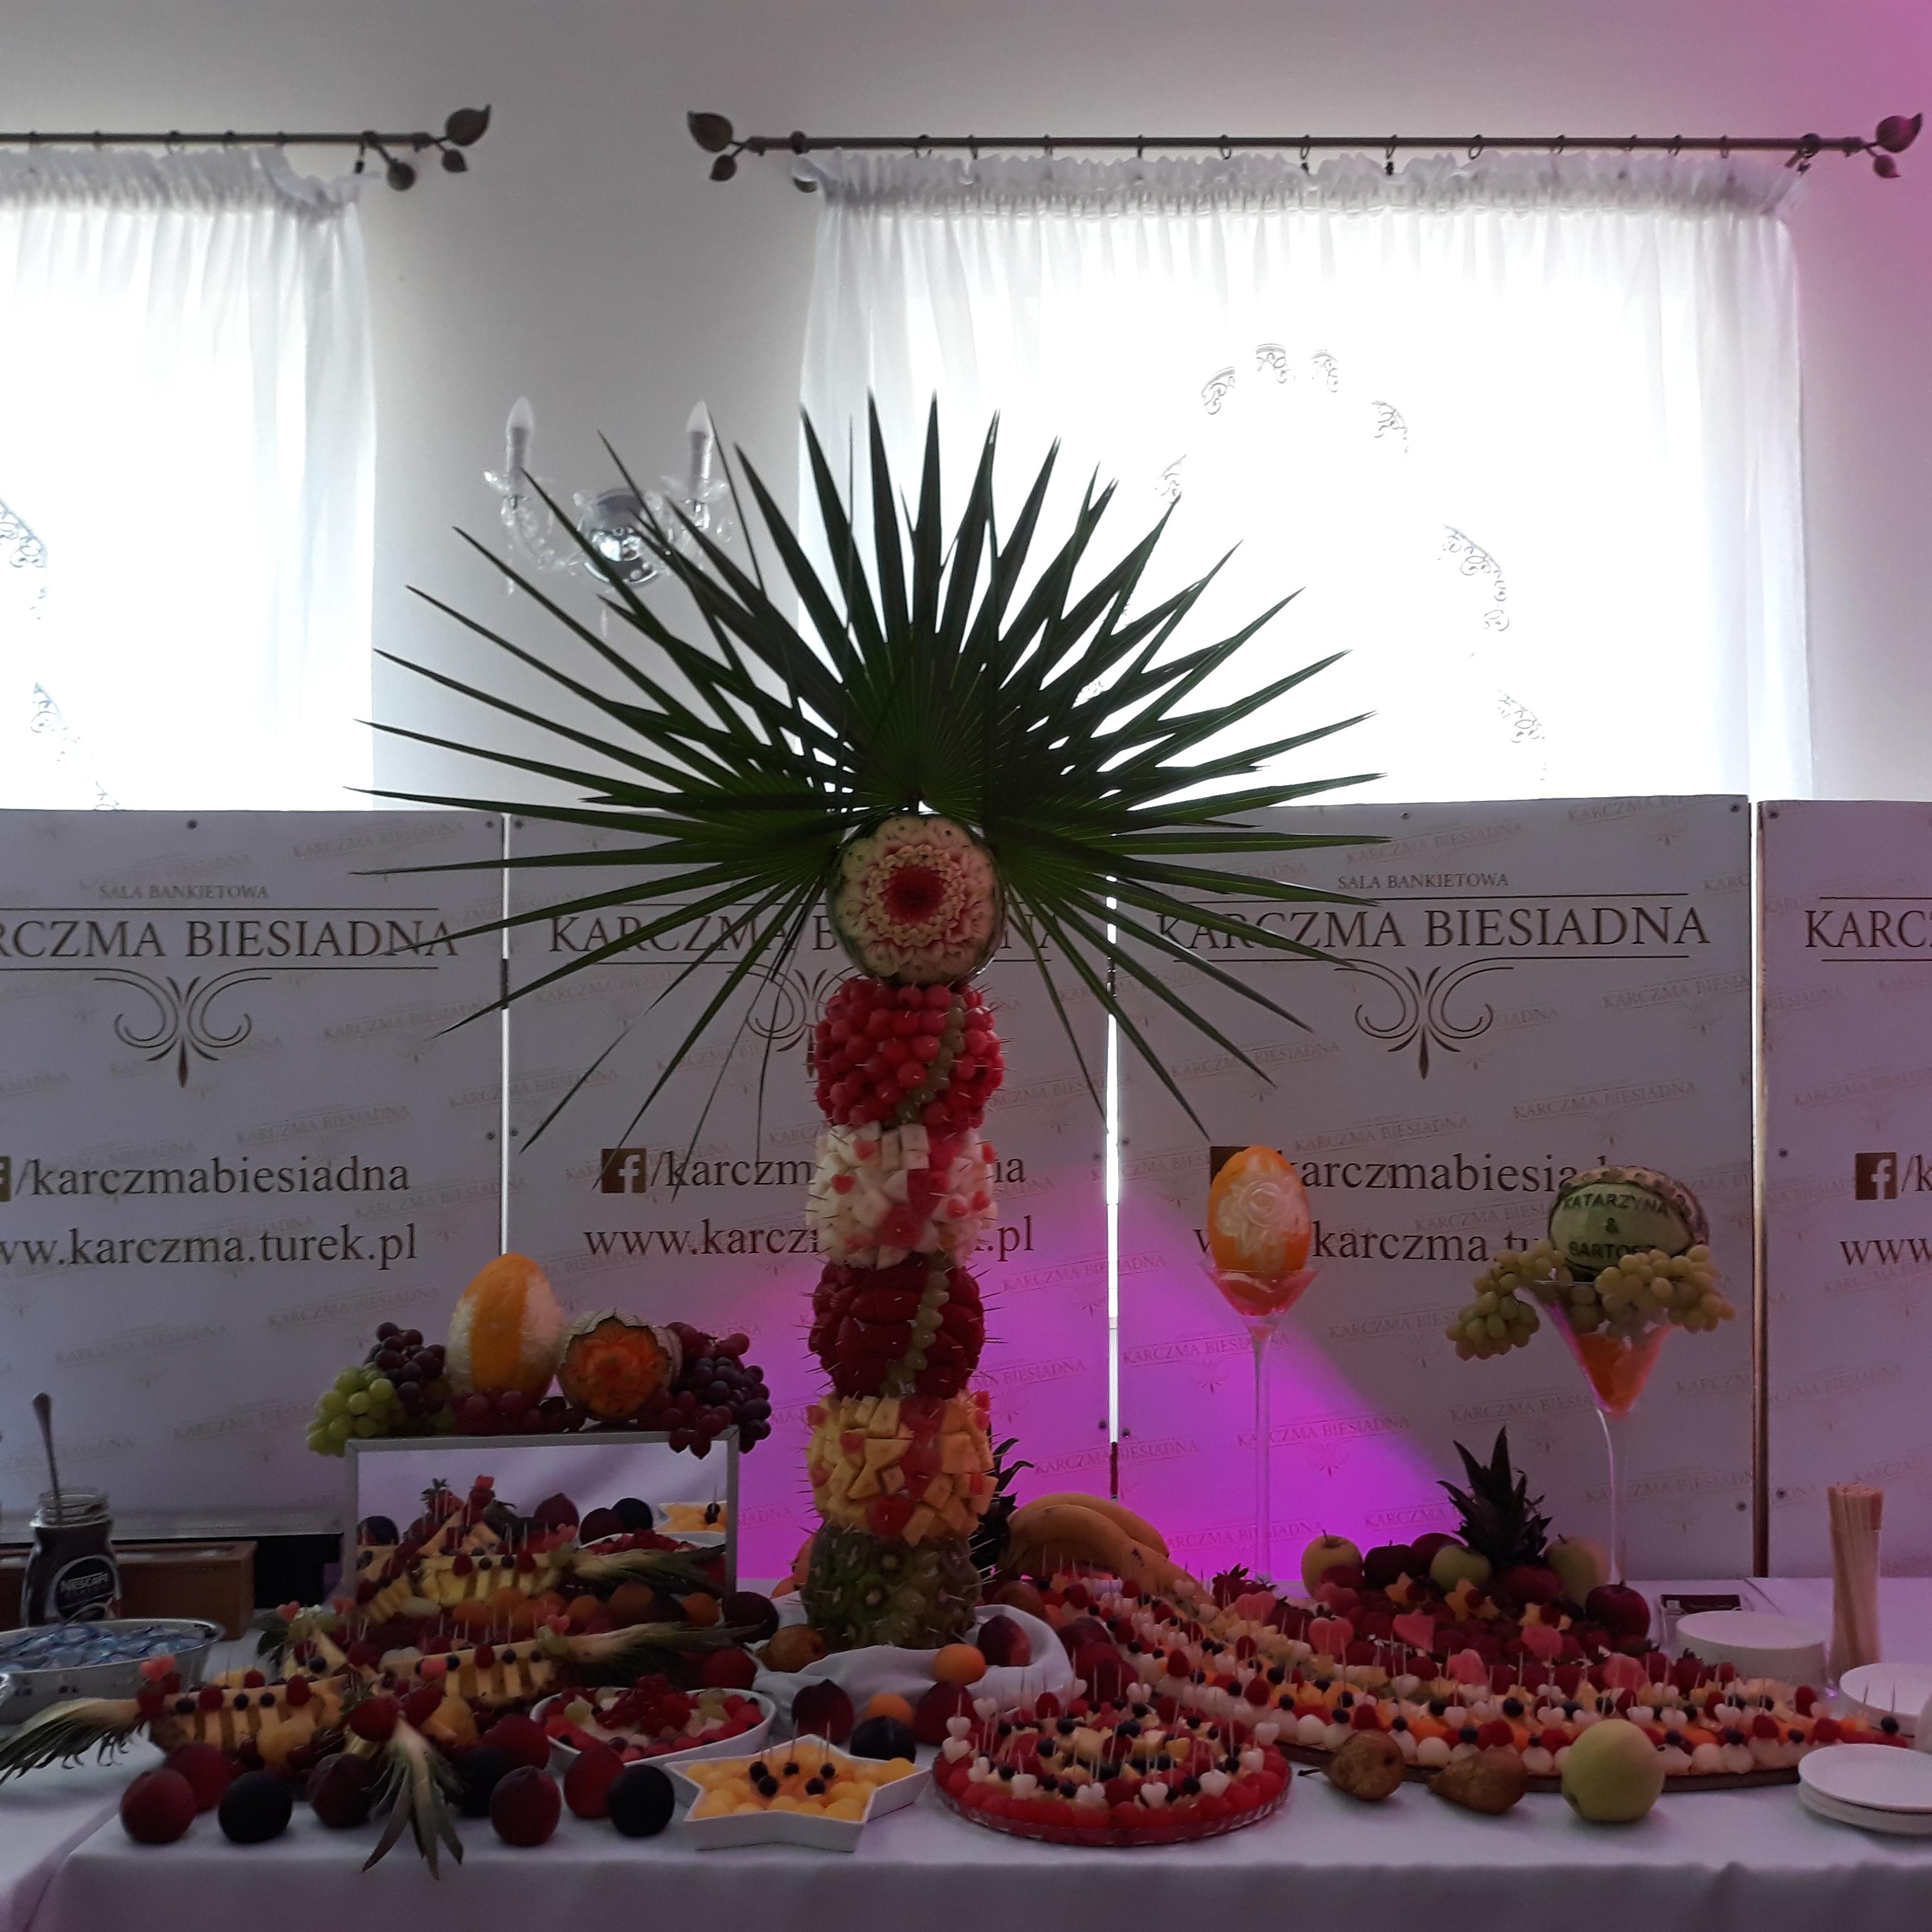 stół owocowy Turek, stół z owocami Koło, stół owocowy Konin, dekoracje owocowe, fruit carving, fruit bar,fruit bar